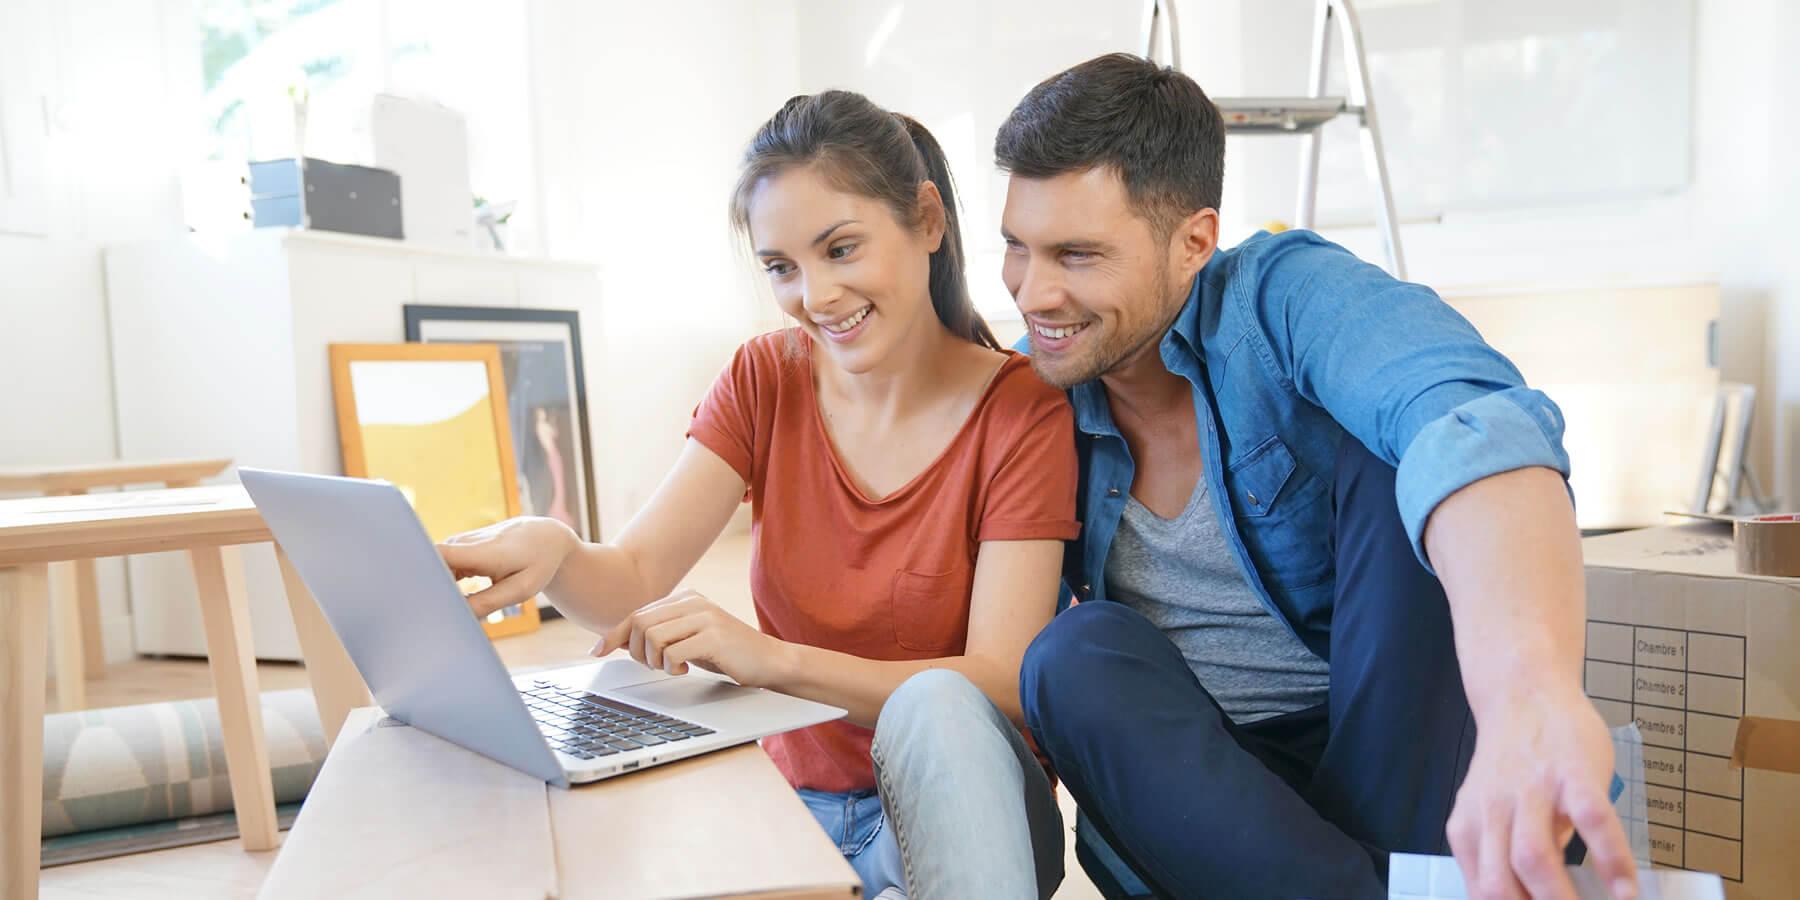 Finden Sie die richtige Sollzinsbindung für Ihren Immobilienkredit